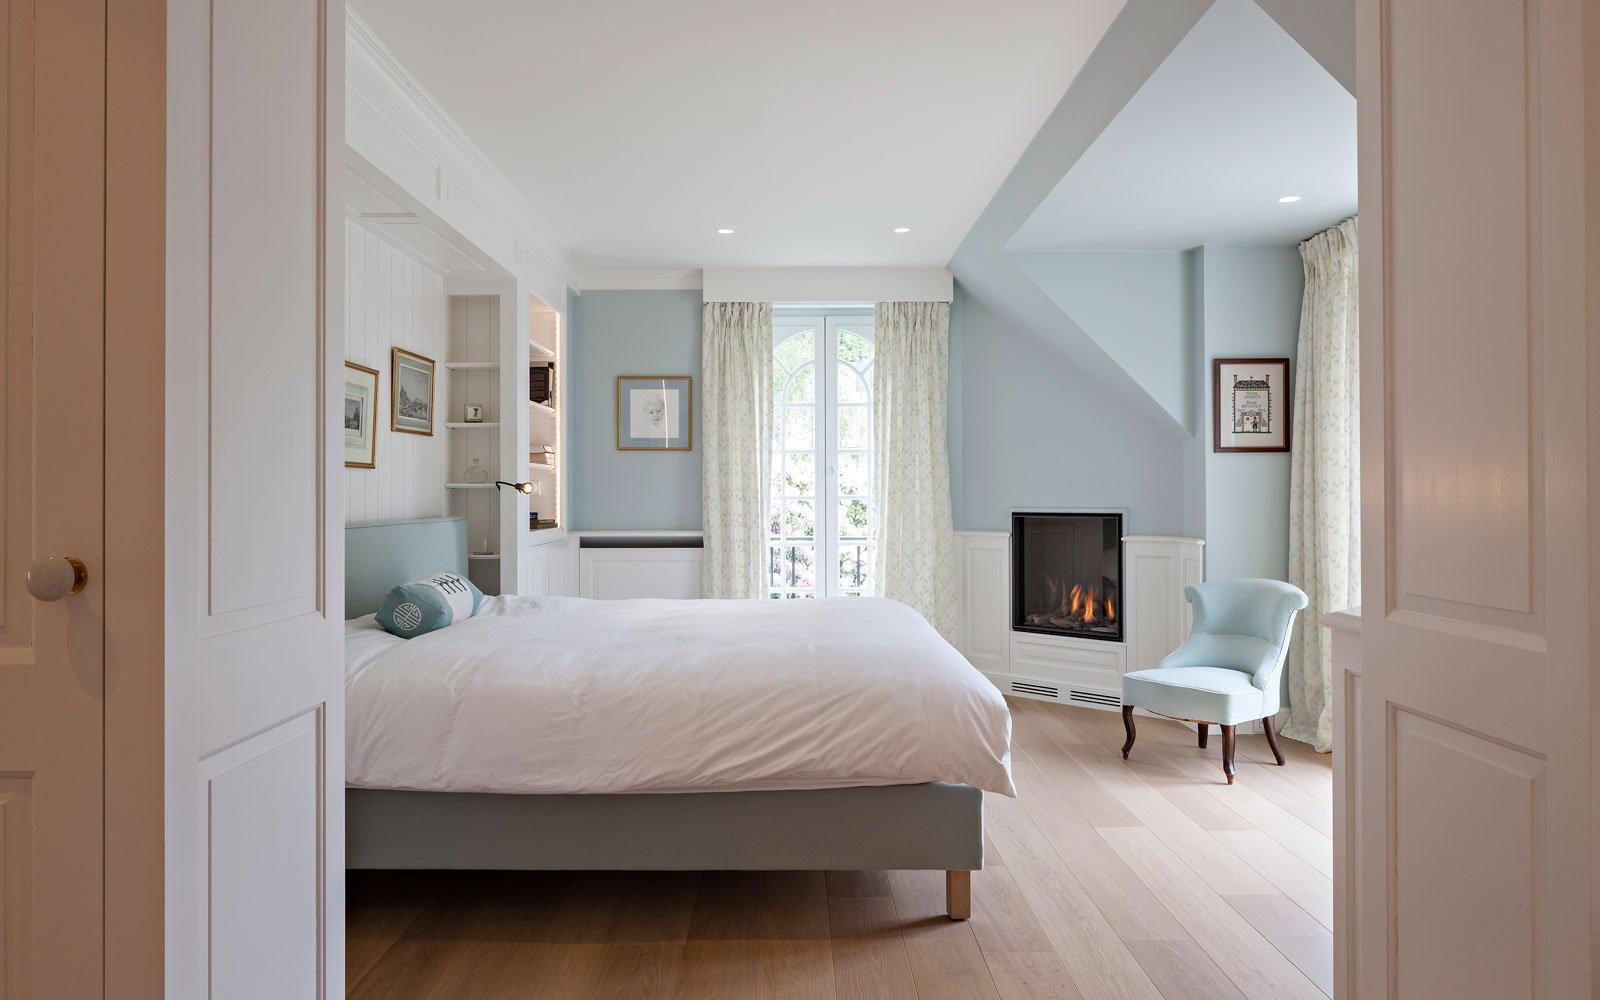 Slaapkamer, master bedroom, klassiek, Amerikaanse stijl, b+ villas